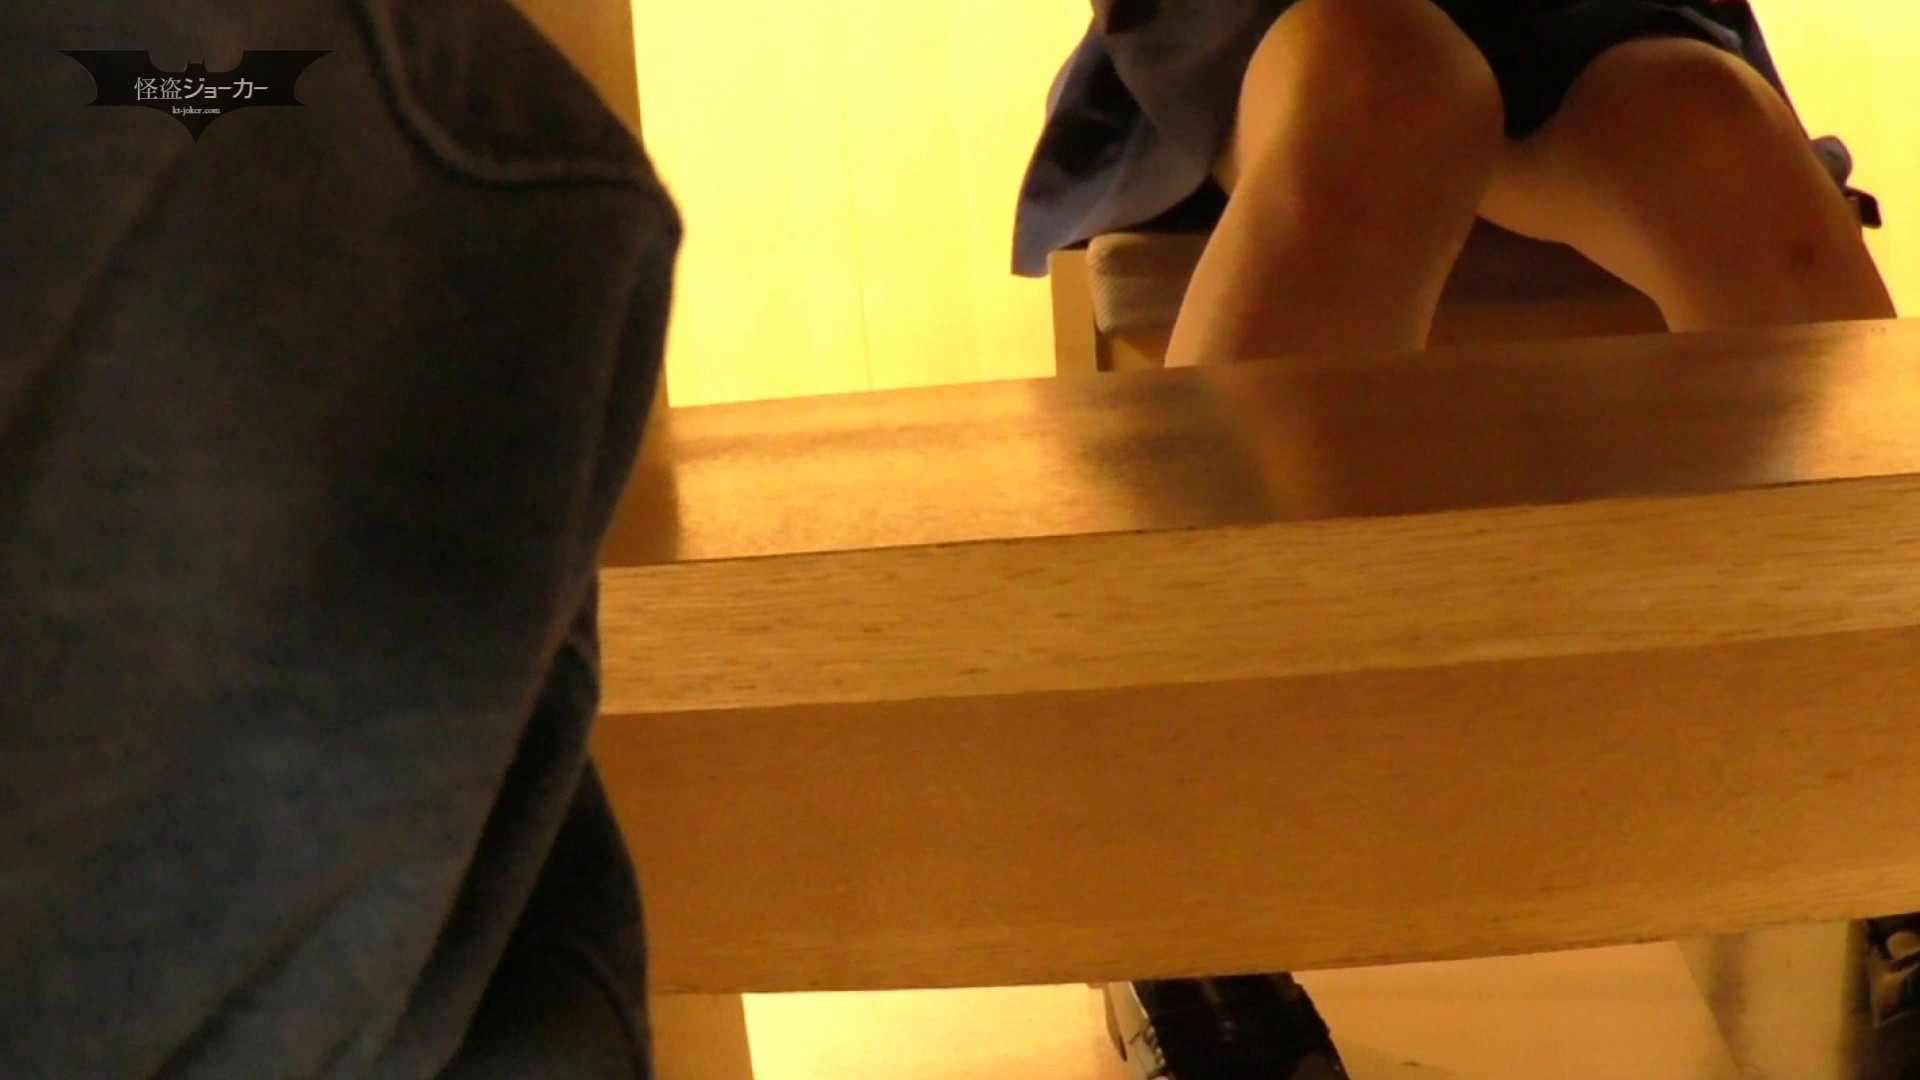 机の下の世界 Vol.04 生足はお好きですか? パンツ大放出   OLの実態  41pic 5